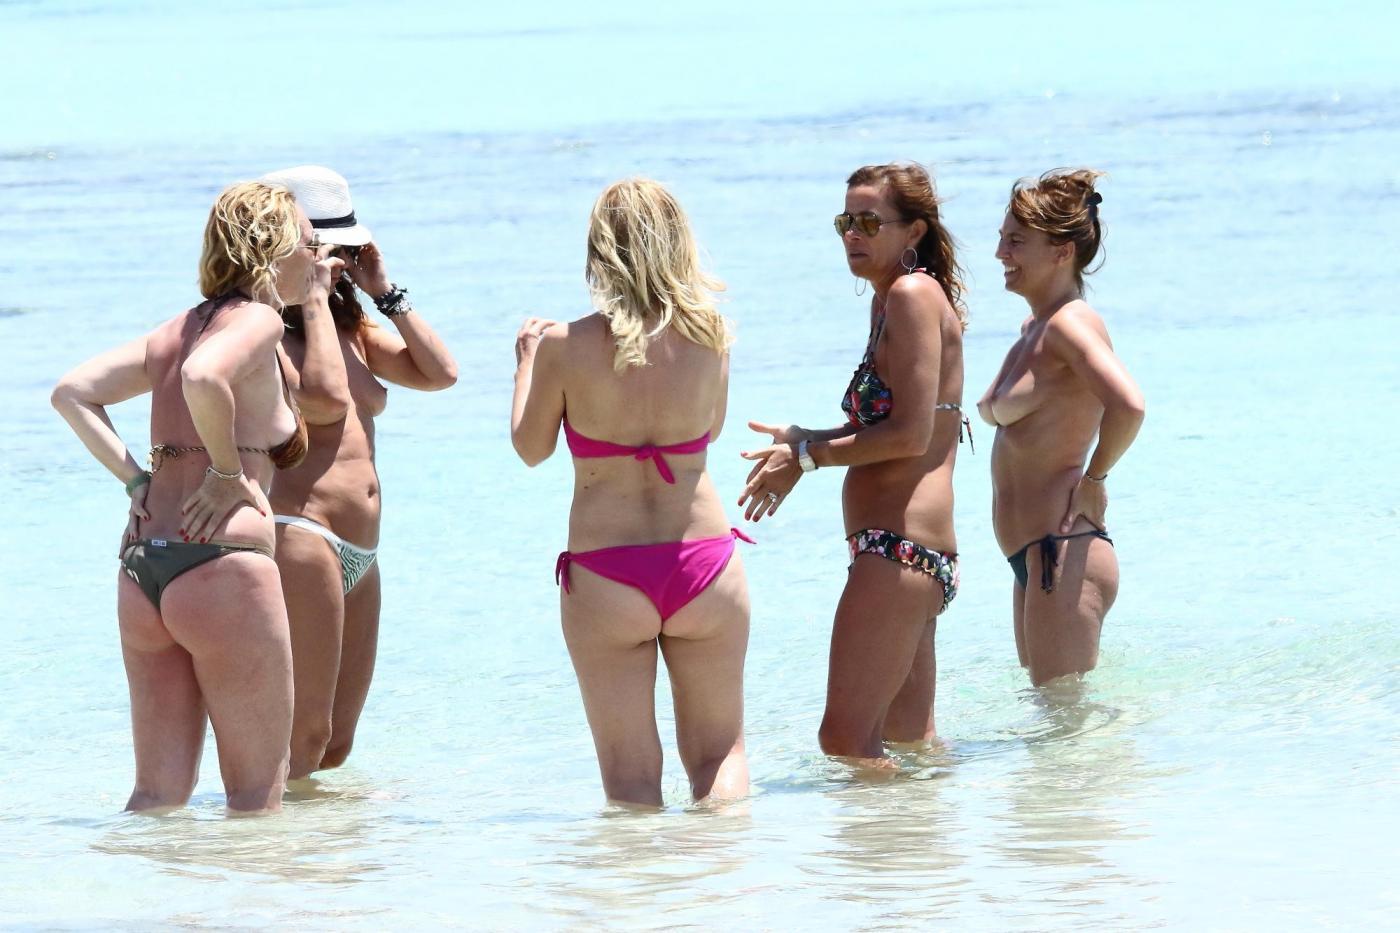 Cristina Parodi, tintarella a Formentera con amiche: topless perfetto a 50 anni 07